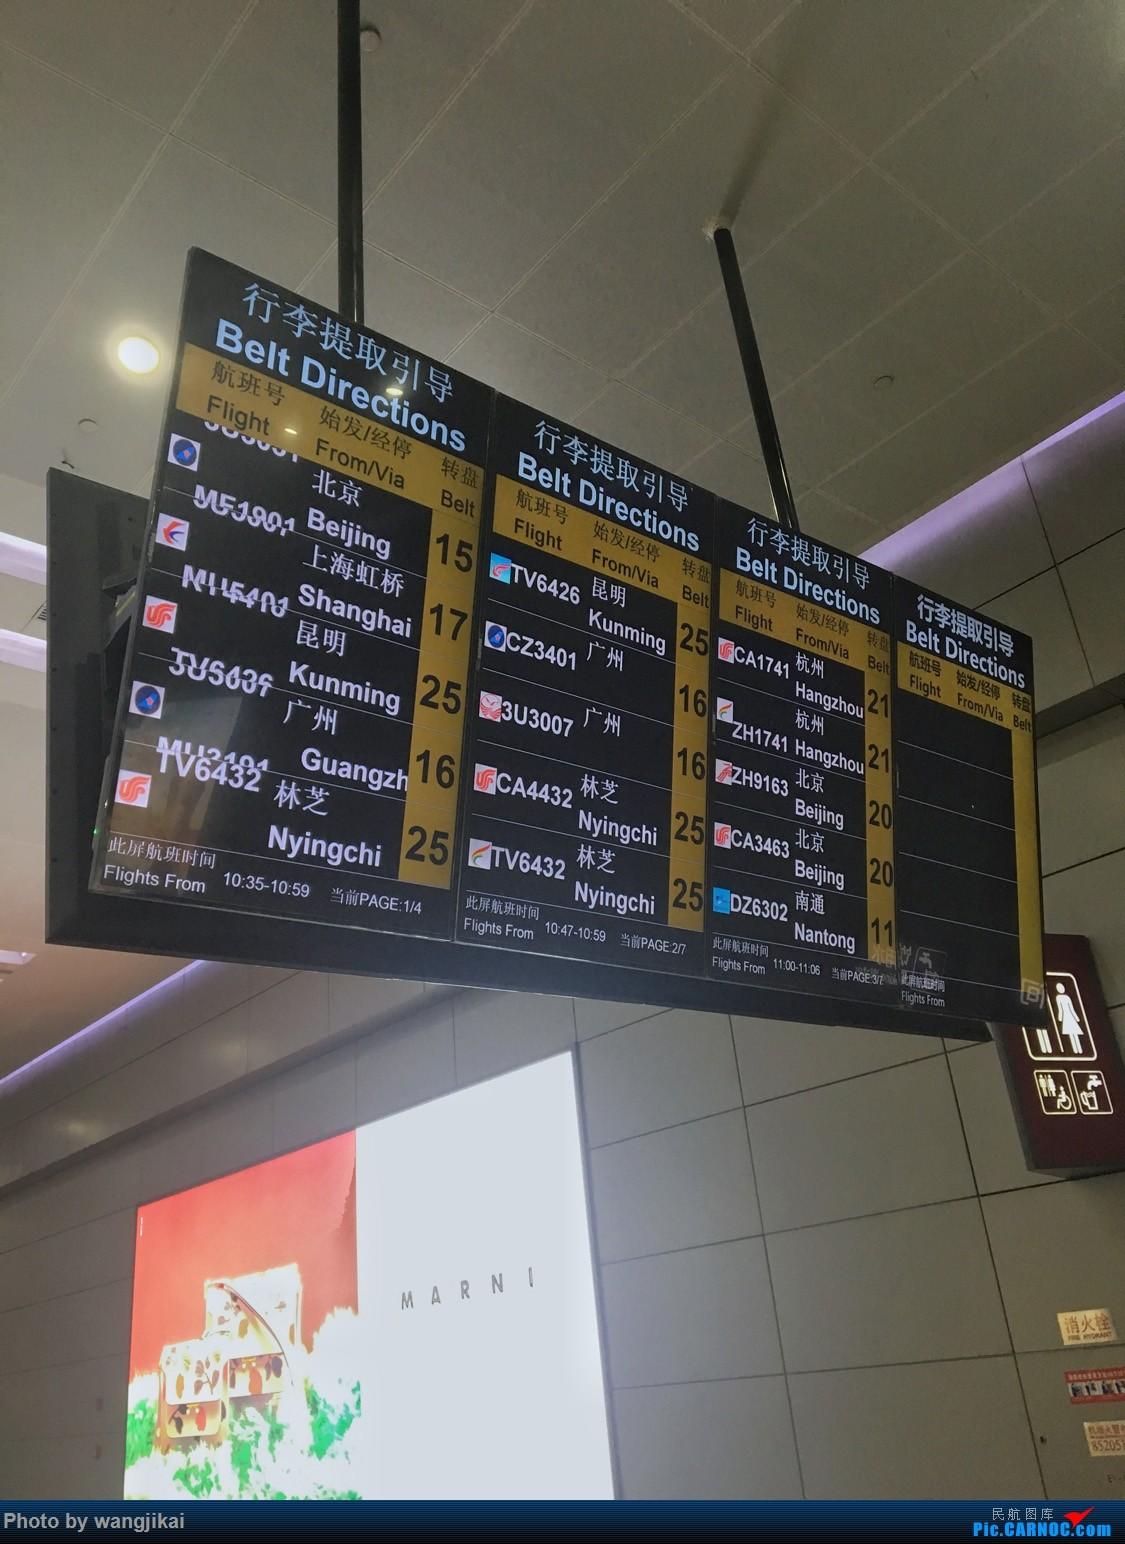 Re:[原创]【杭州飞友会】Paulの游记 11 | 青藏随行,这里是西藏,此处航班易取消(下篇) AIRBUS A320-200 B-8609 中国成都双流国际机场 中国成都双流国际机场